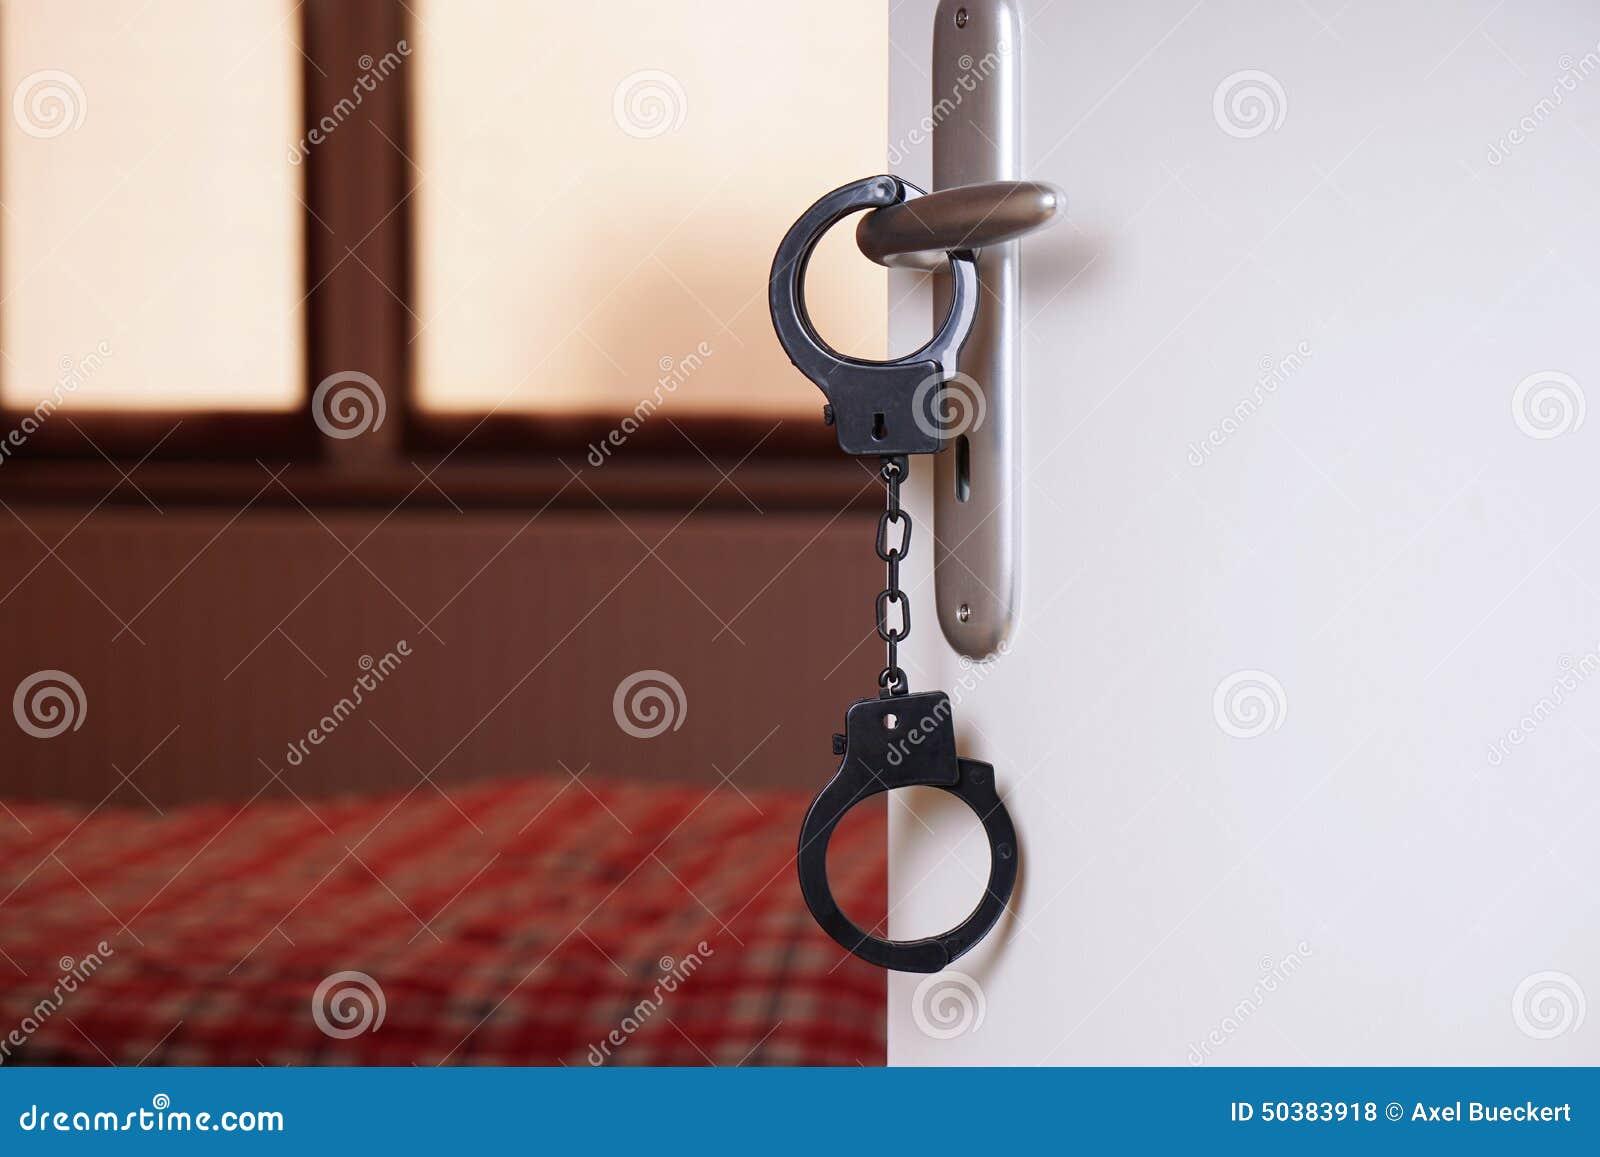 handcuffs on bedroom door handle stock photo image 50383918